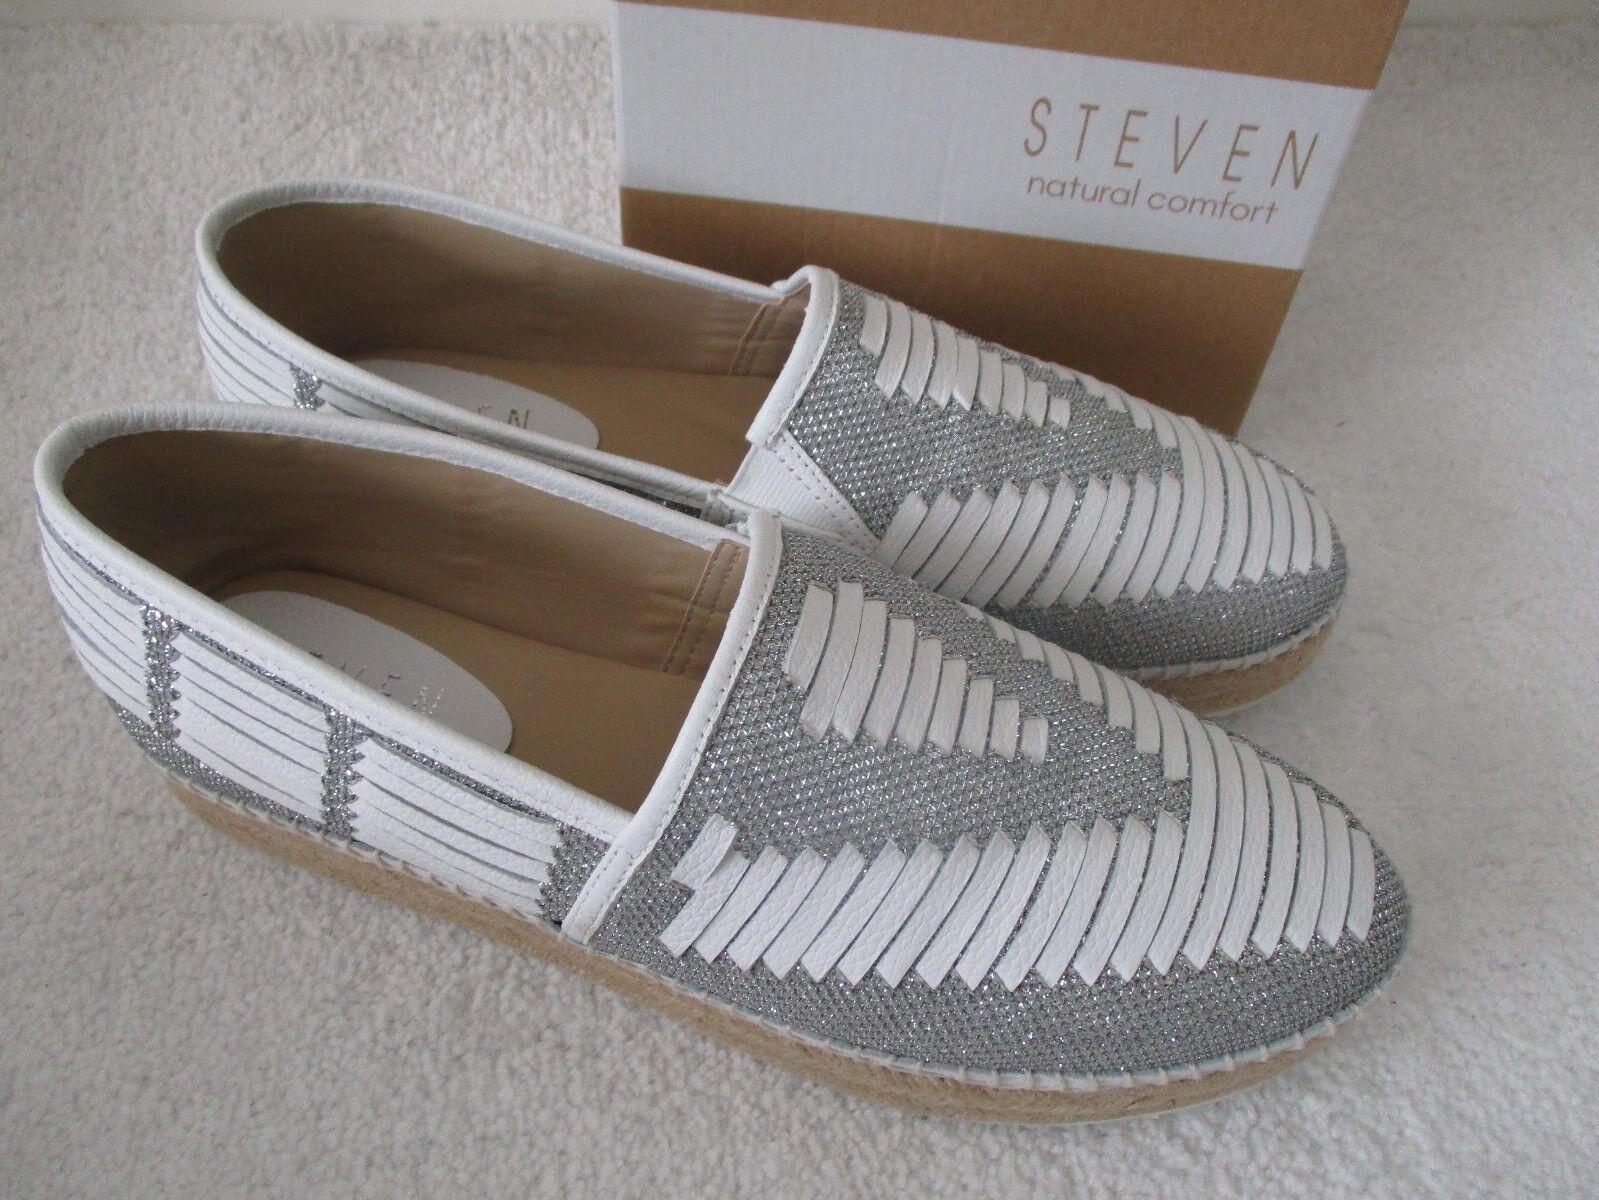 STEVEN BY STEVEN MADDEN WEISS NC-CHARM FLAT Schuhe SIZE 8 1/2 M - NEU W BOX